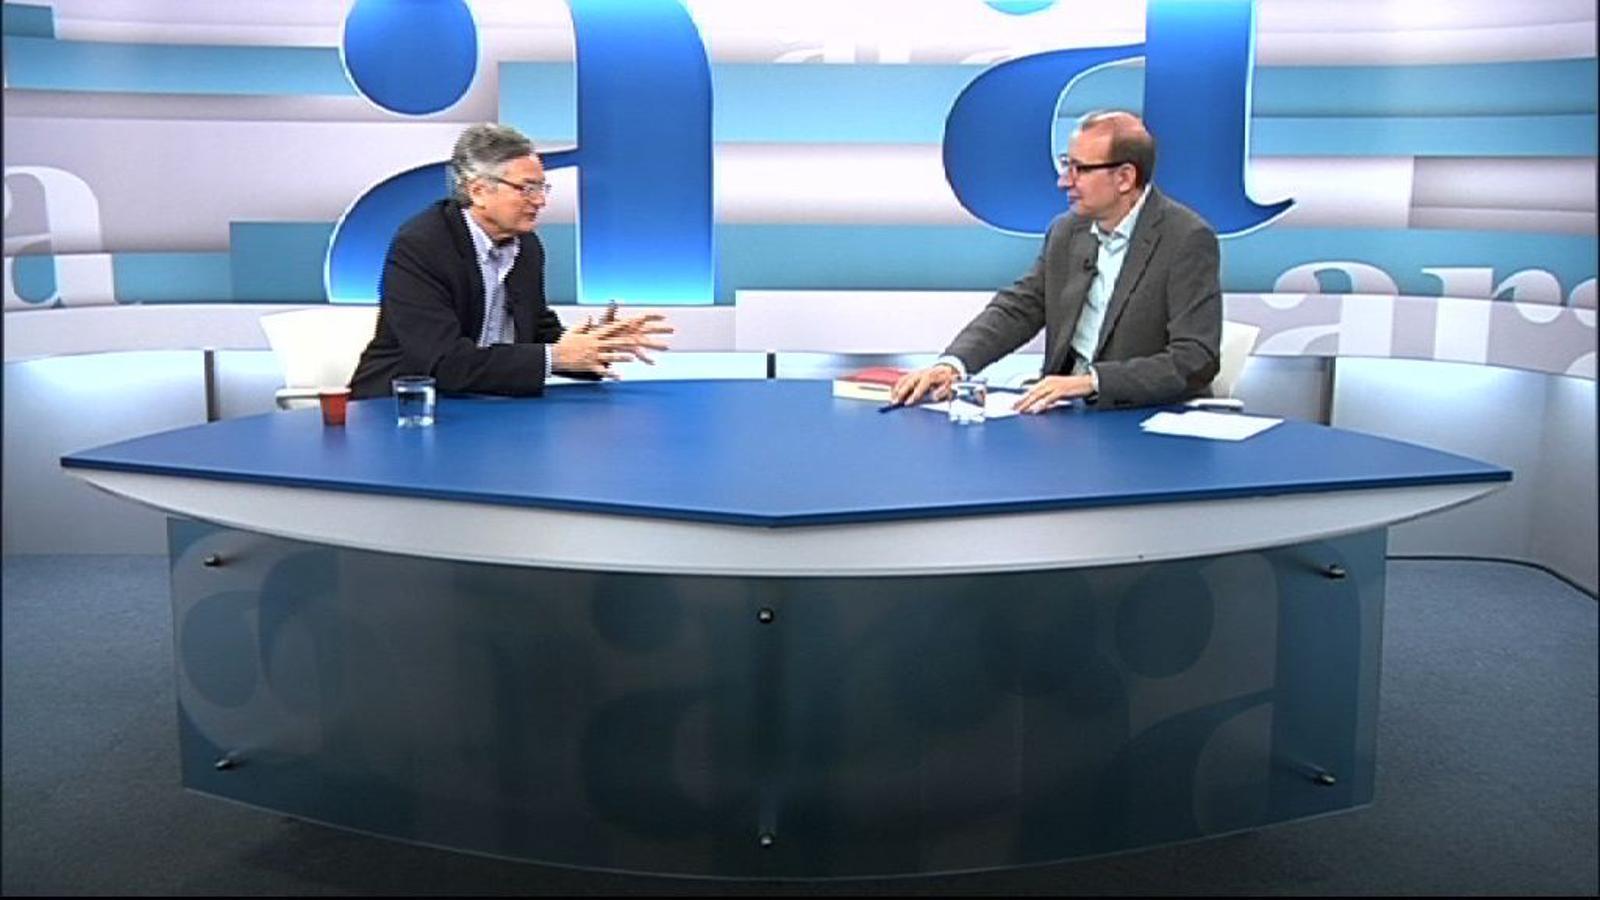 Entrevista d'Antoni Bassas a Moisés Naím per l''Ara TV Premium'